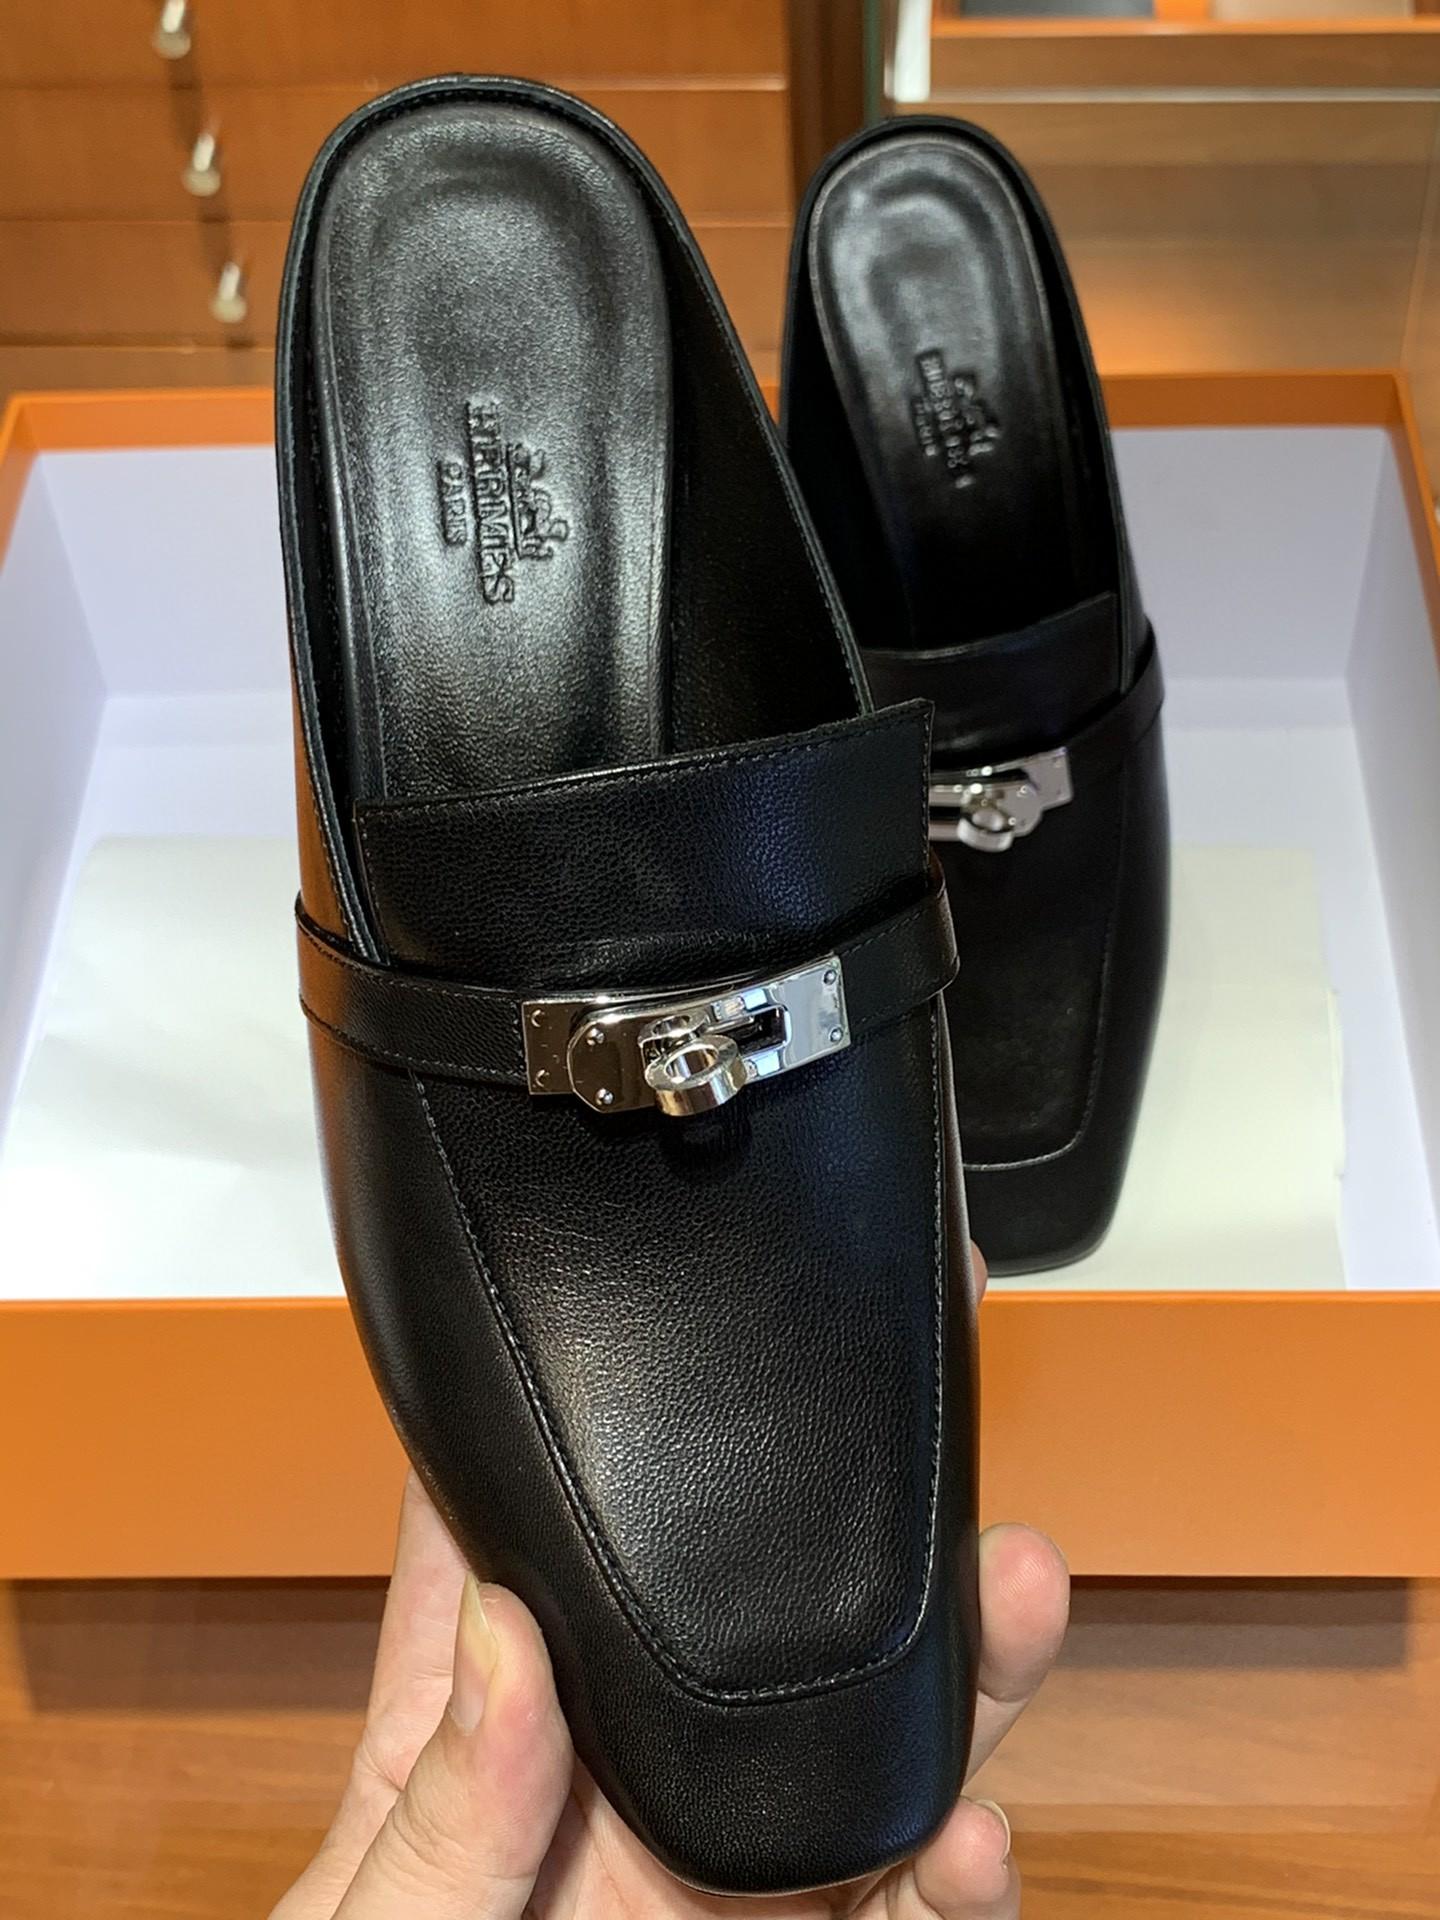 爱马仕 新款专柜同步上新 山羊皮 黑色 Blossom 穆勒鞋 搭配经典kelly鞋扣 山羊皮 跟高6cm 35~41码 (正码)码数不调换